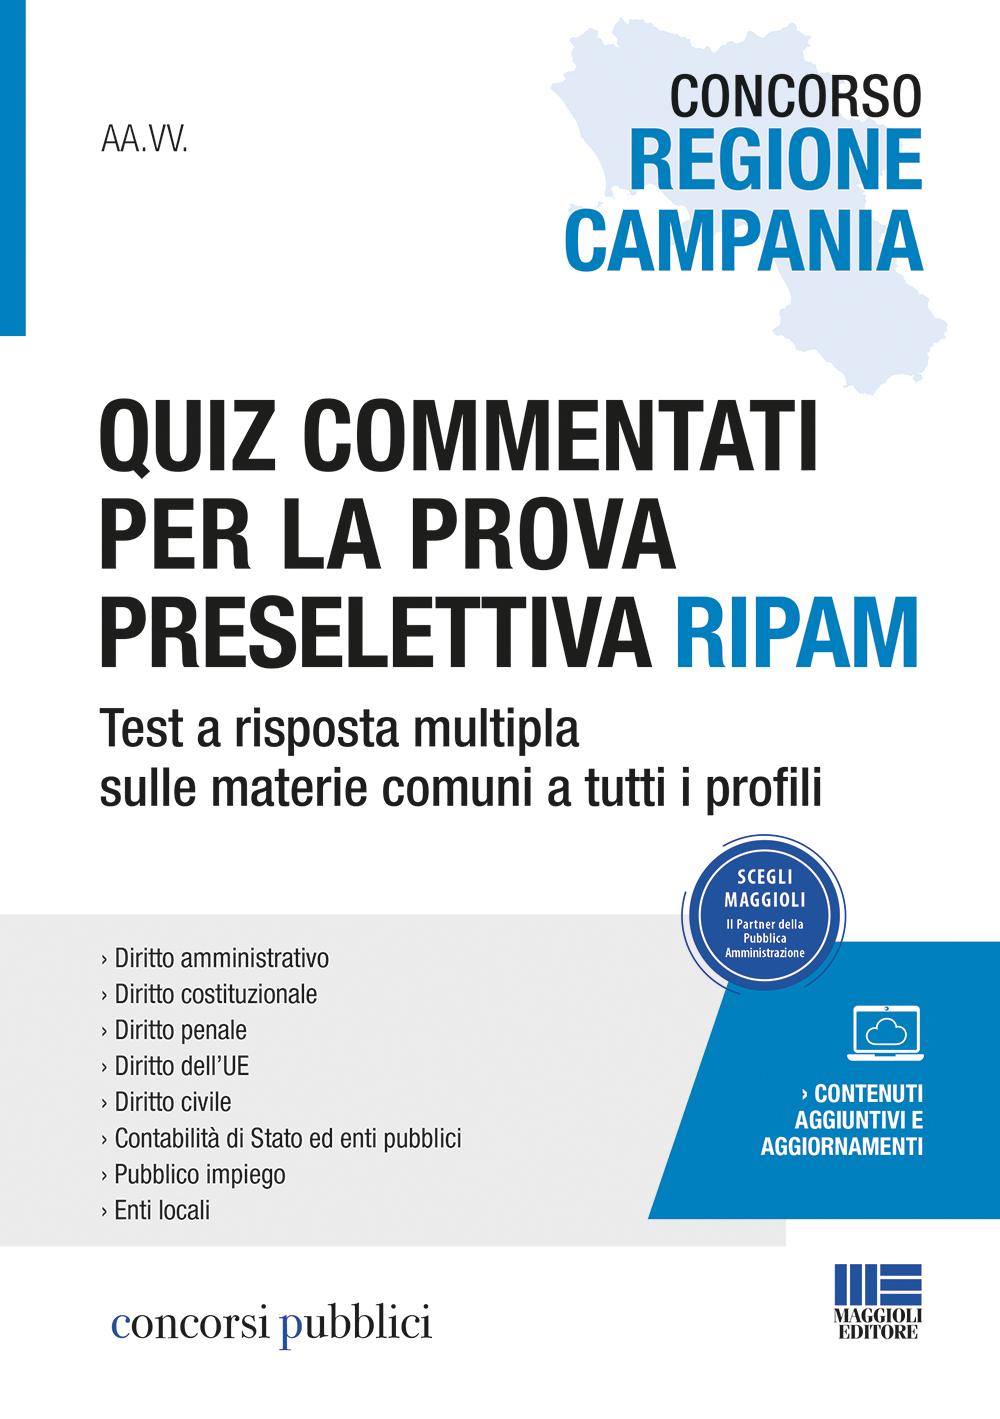 Concorso Regione Campania Quiz commentati